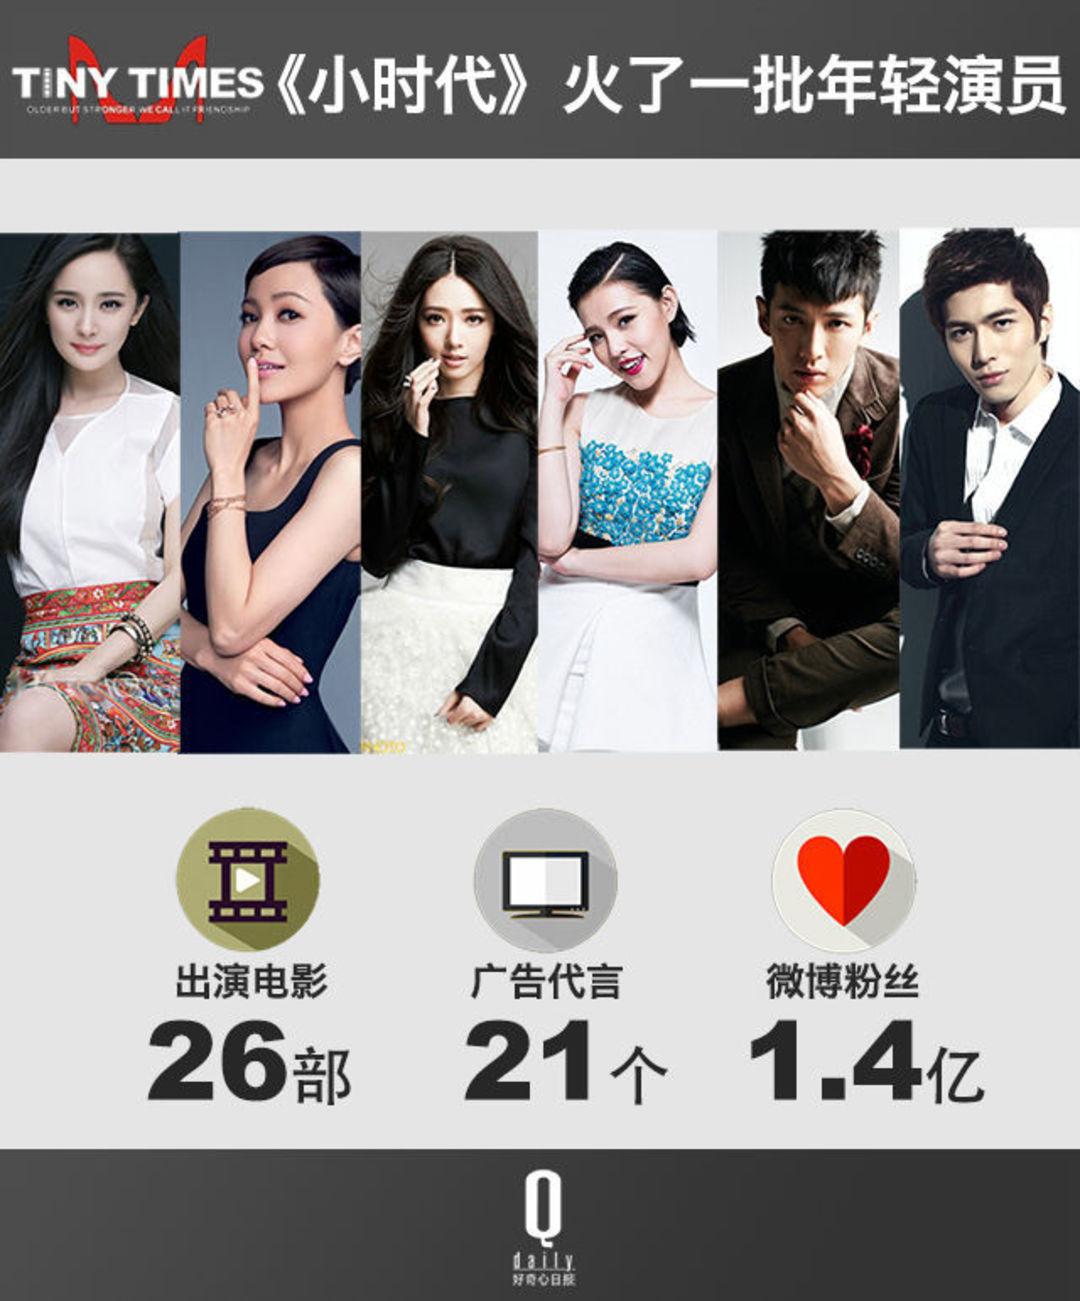 """中国电影里的""""奇葩""""《小时代》,到底改变了这个行业多少东西?_娱乐_好奇心日报"""